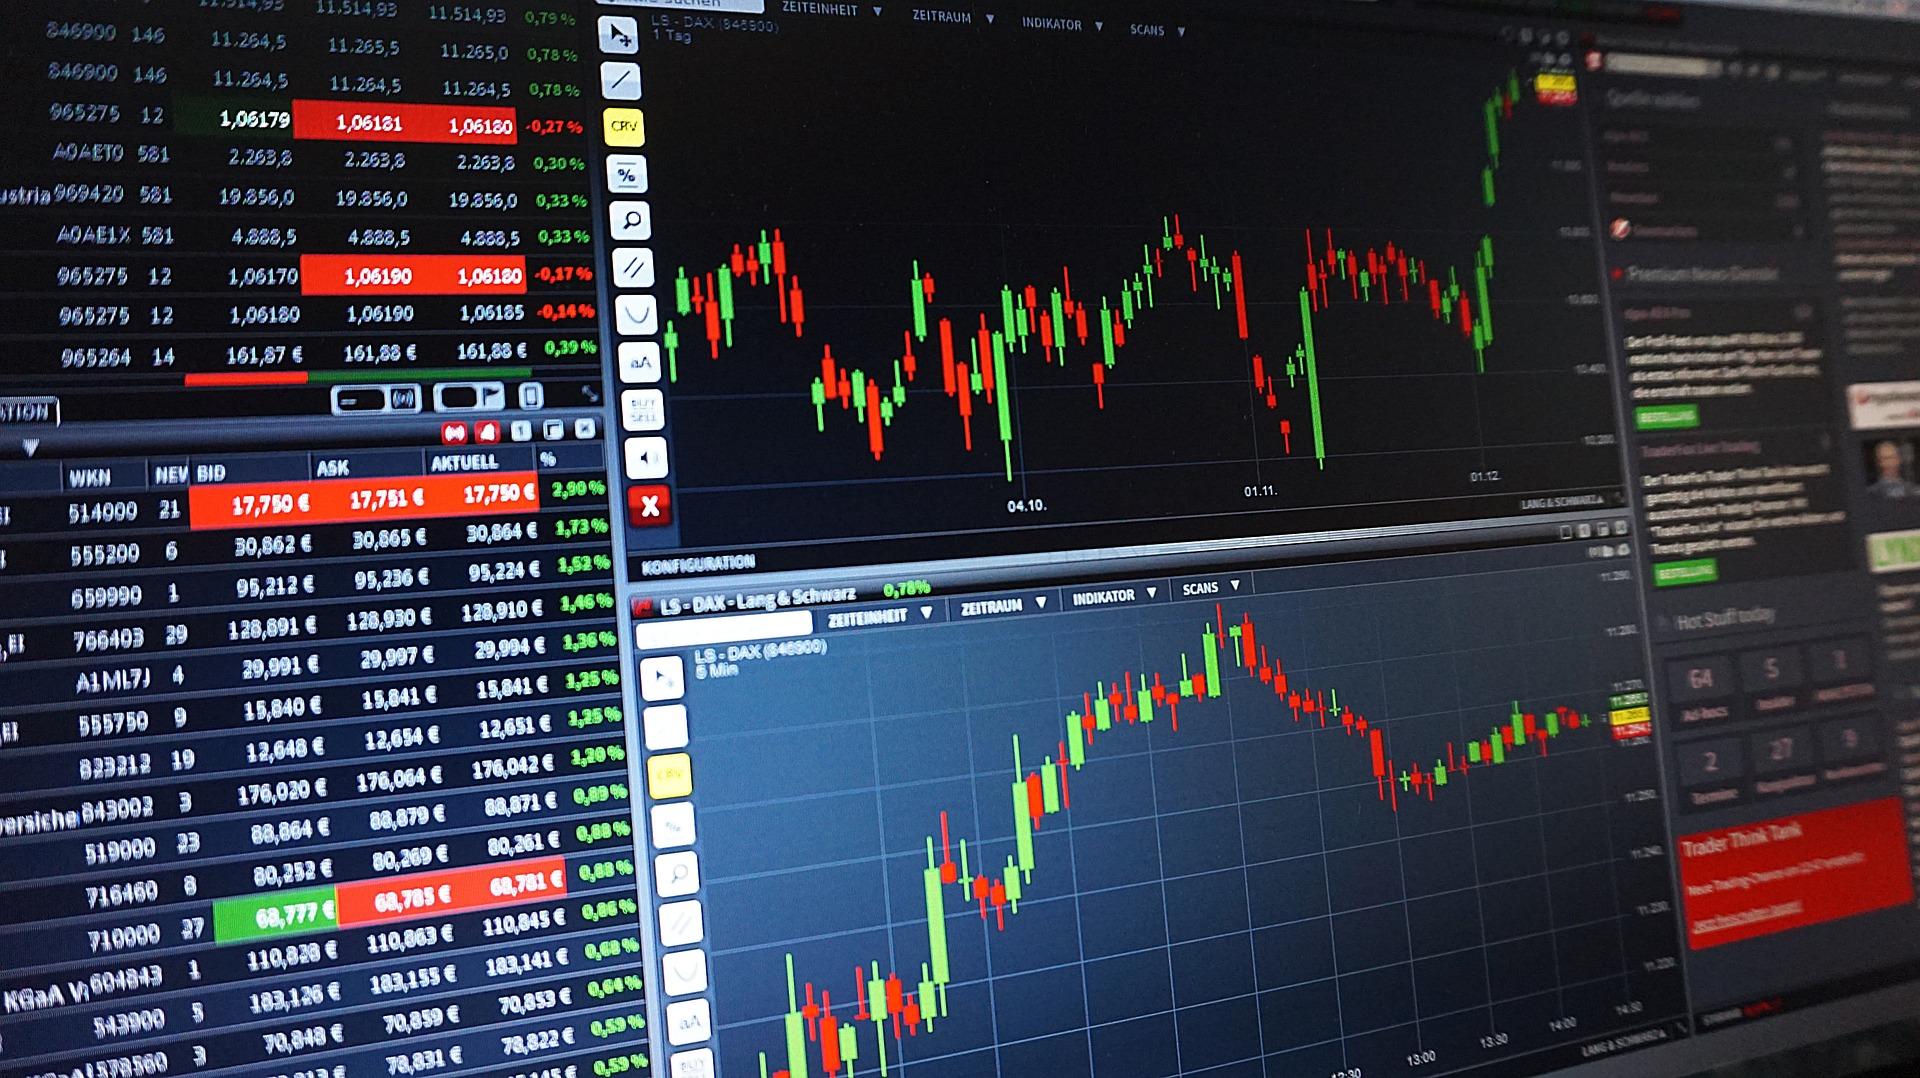 Belizean Regulator Cracks Down on Oasis Global FX, Suspends Company over Fraud Allegations